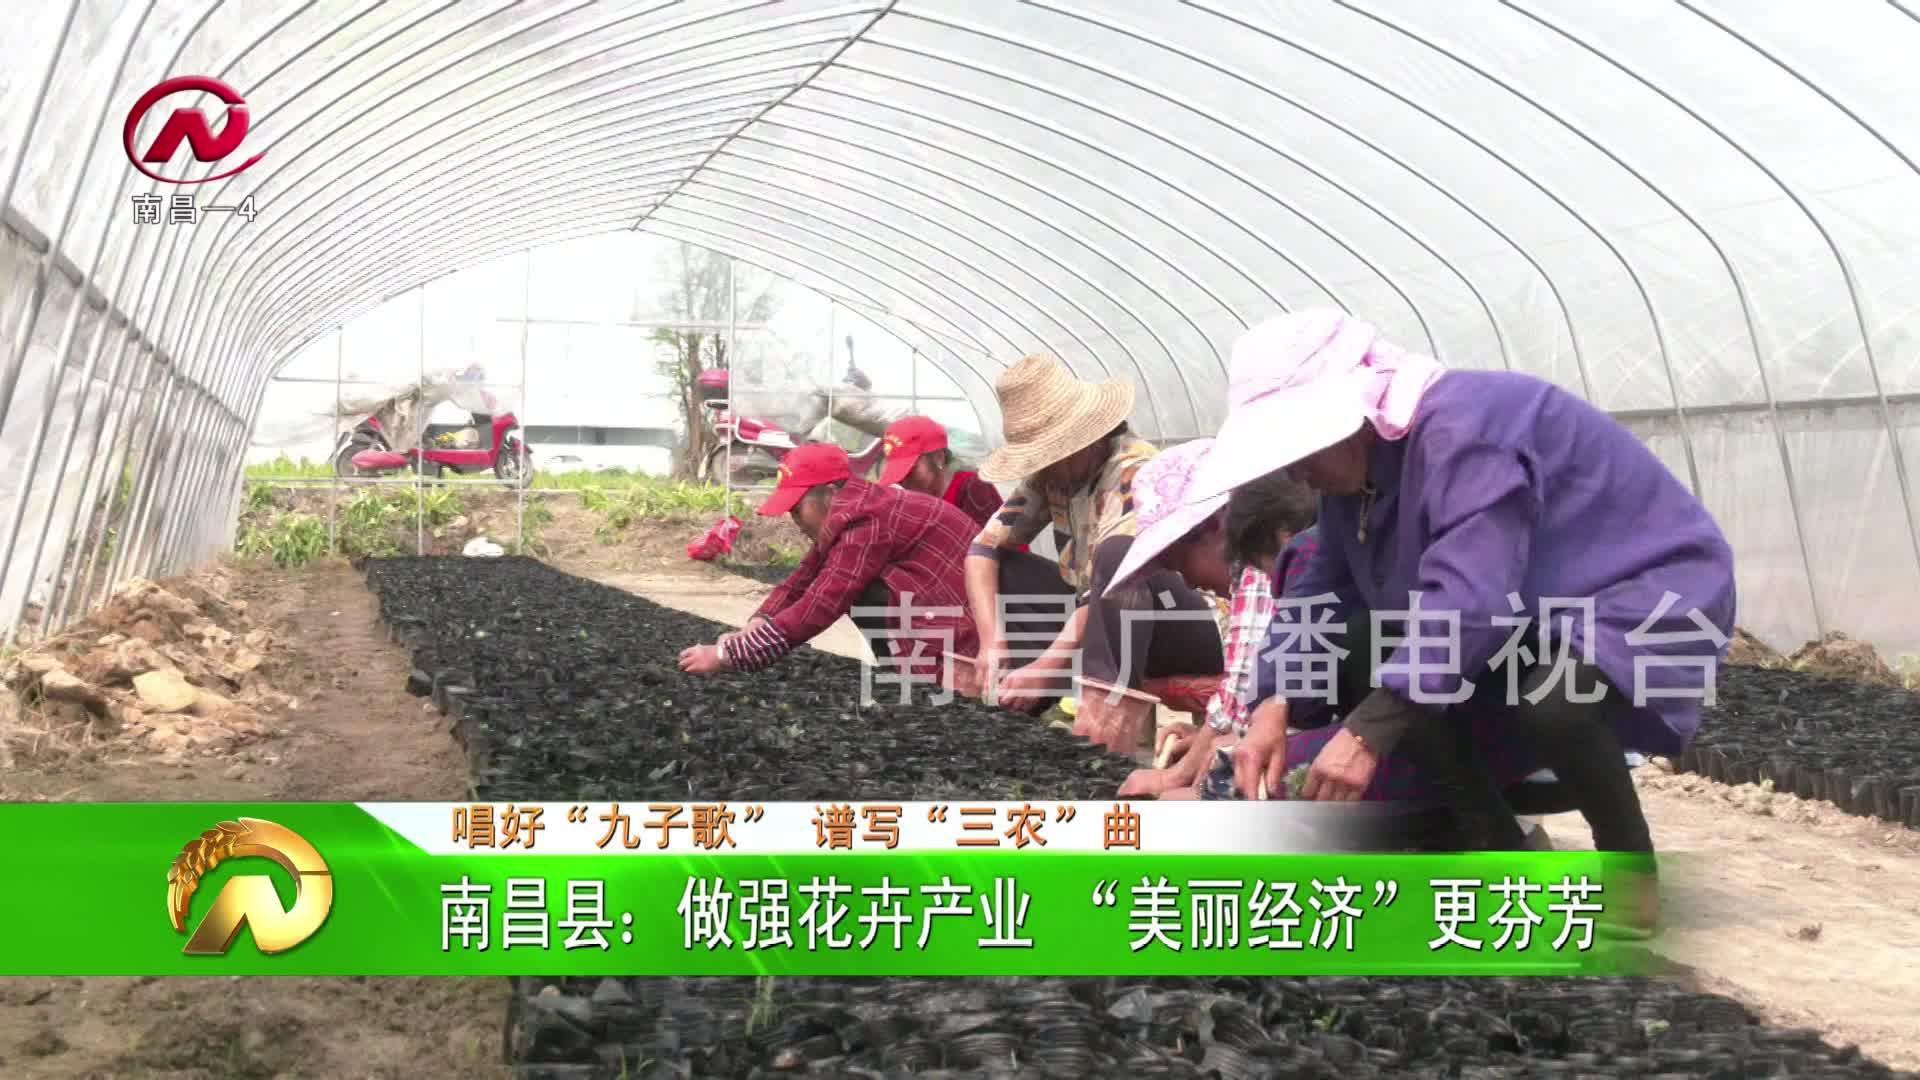 """【豫章農視】南昌縣:做強花卉產業 """"美麗經濟""""更芬芳"""